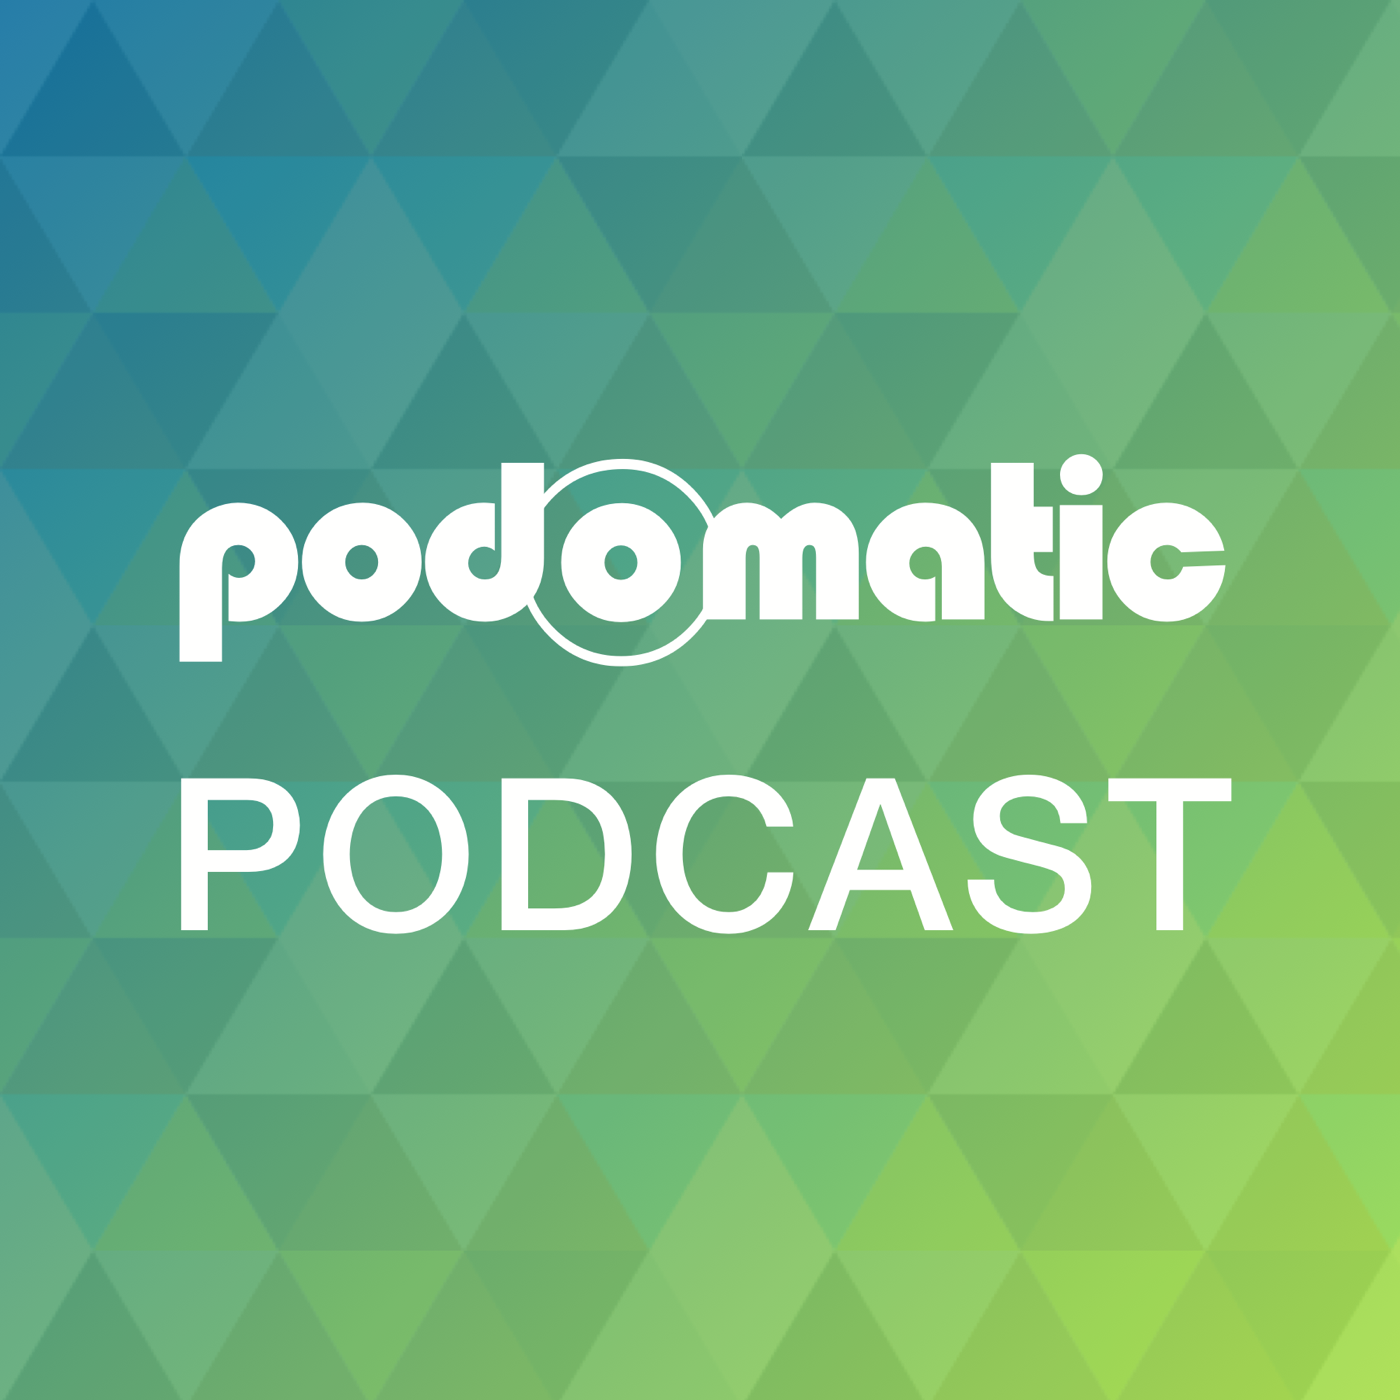 ThatMusicPodkast's Podcast